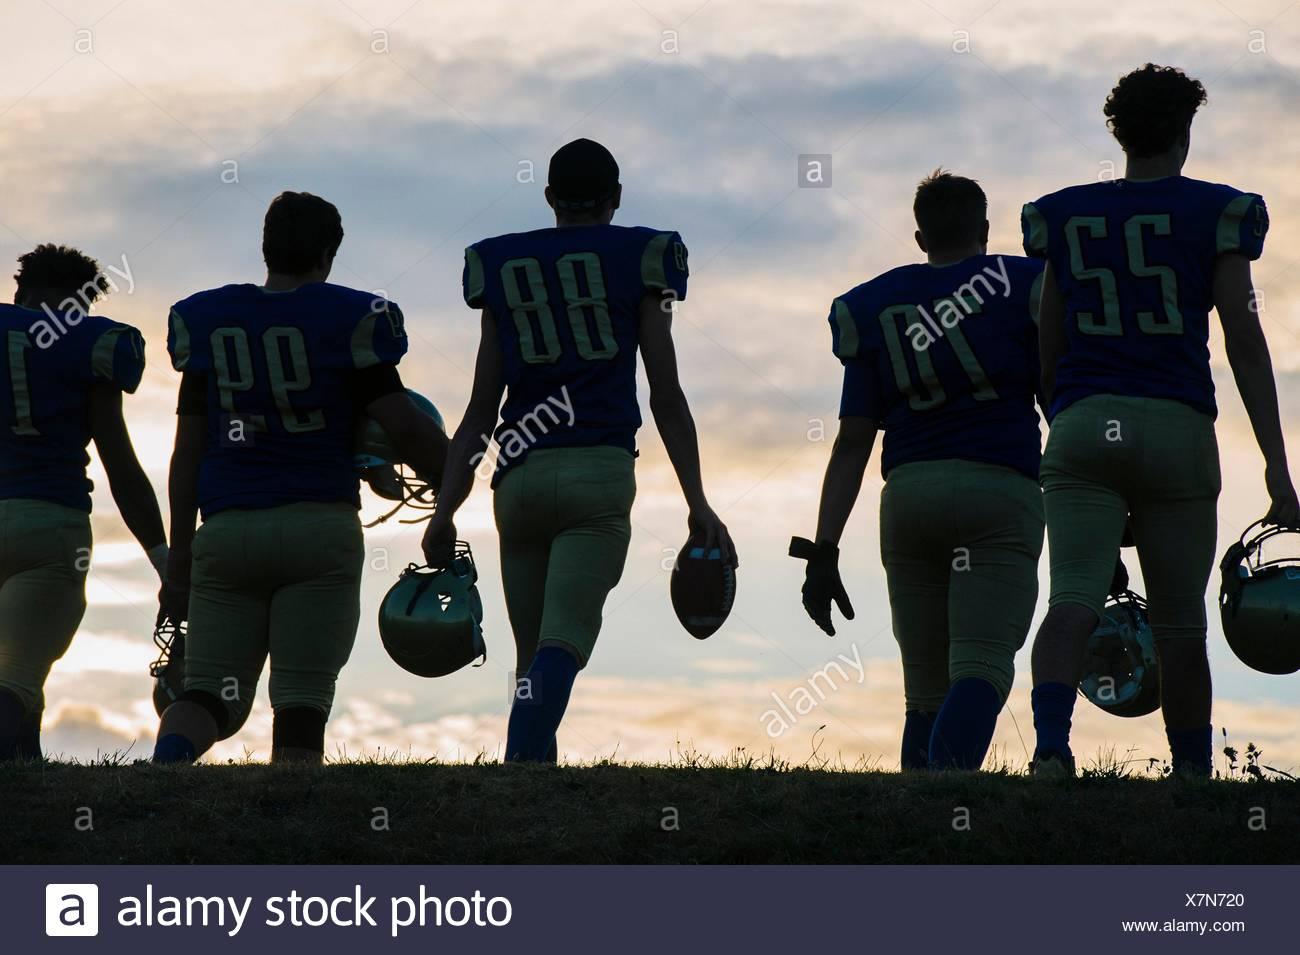 Grupo de jóvenes jugadores de fútbol americano a pie, vista trasera Imagen De Stock